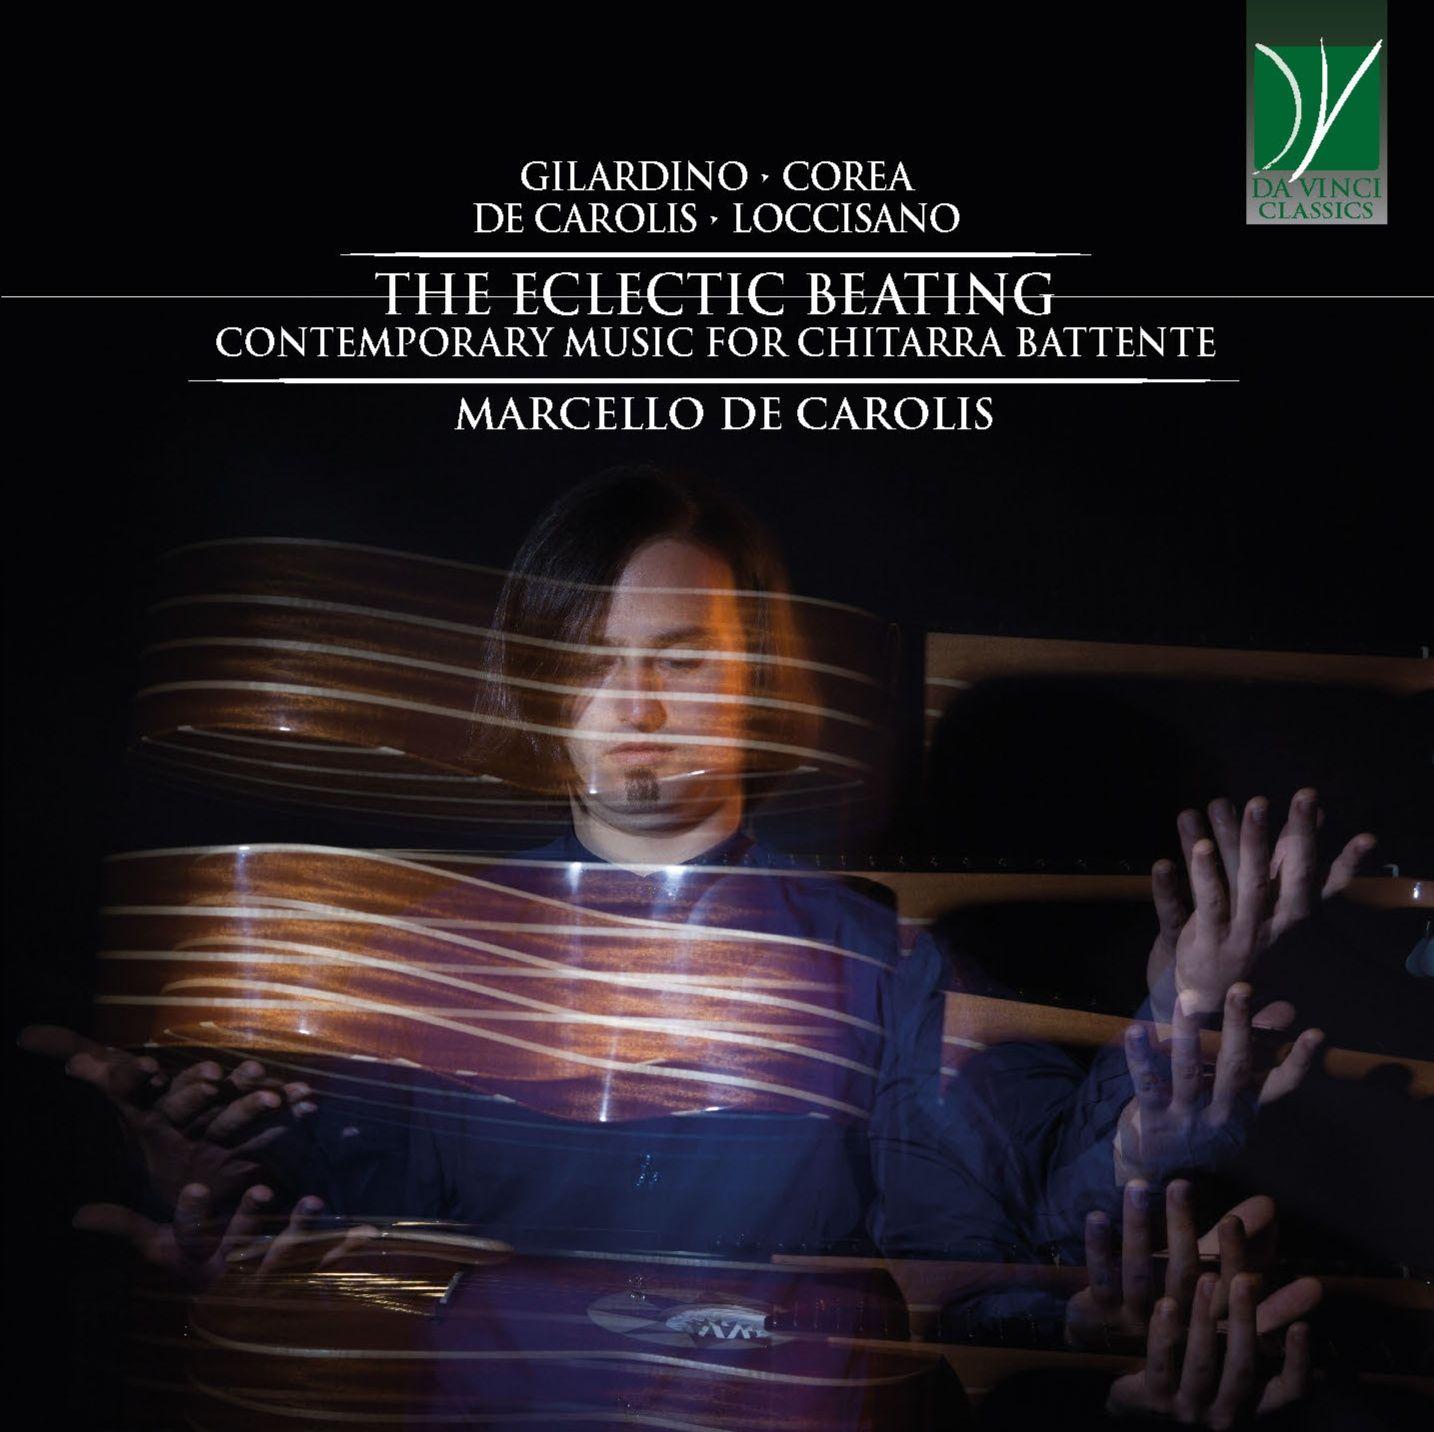 The eclectic beating - contemporary music for chitarra battente - Marcello De Carolis - Da Vinci Classics